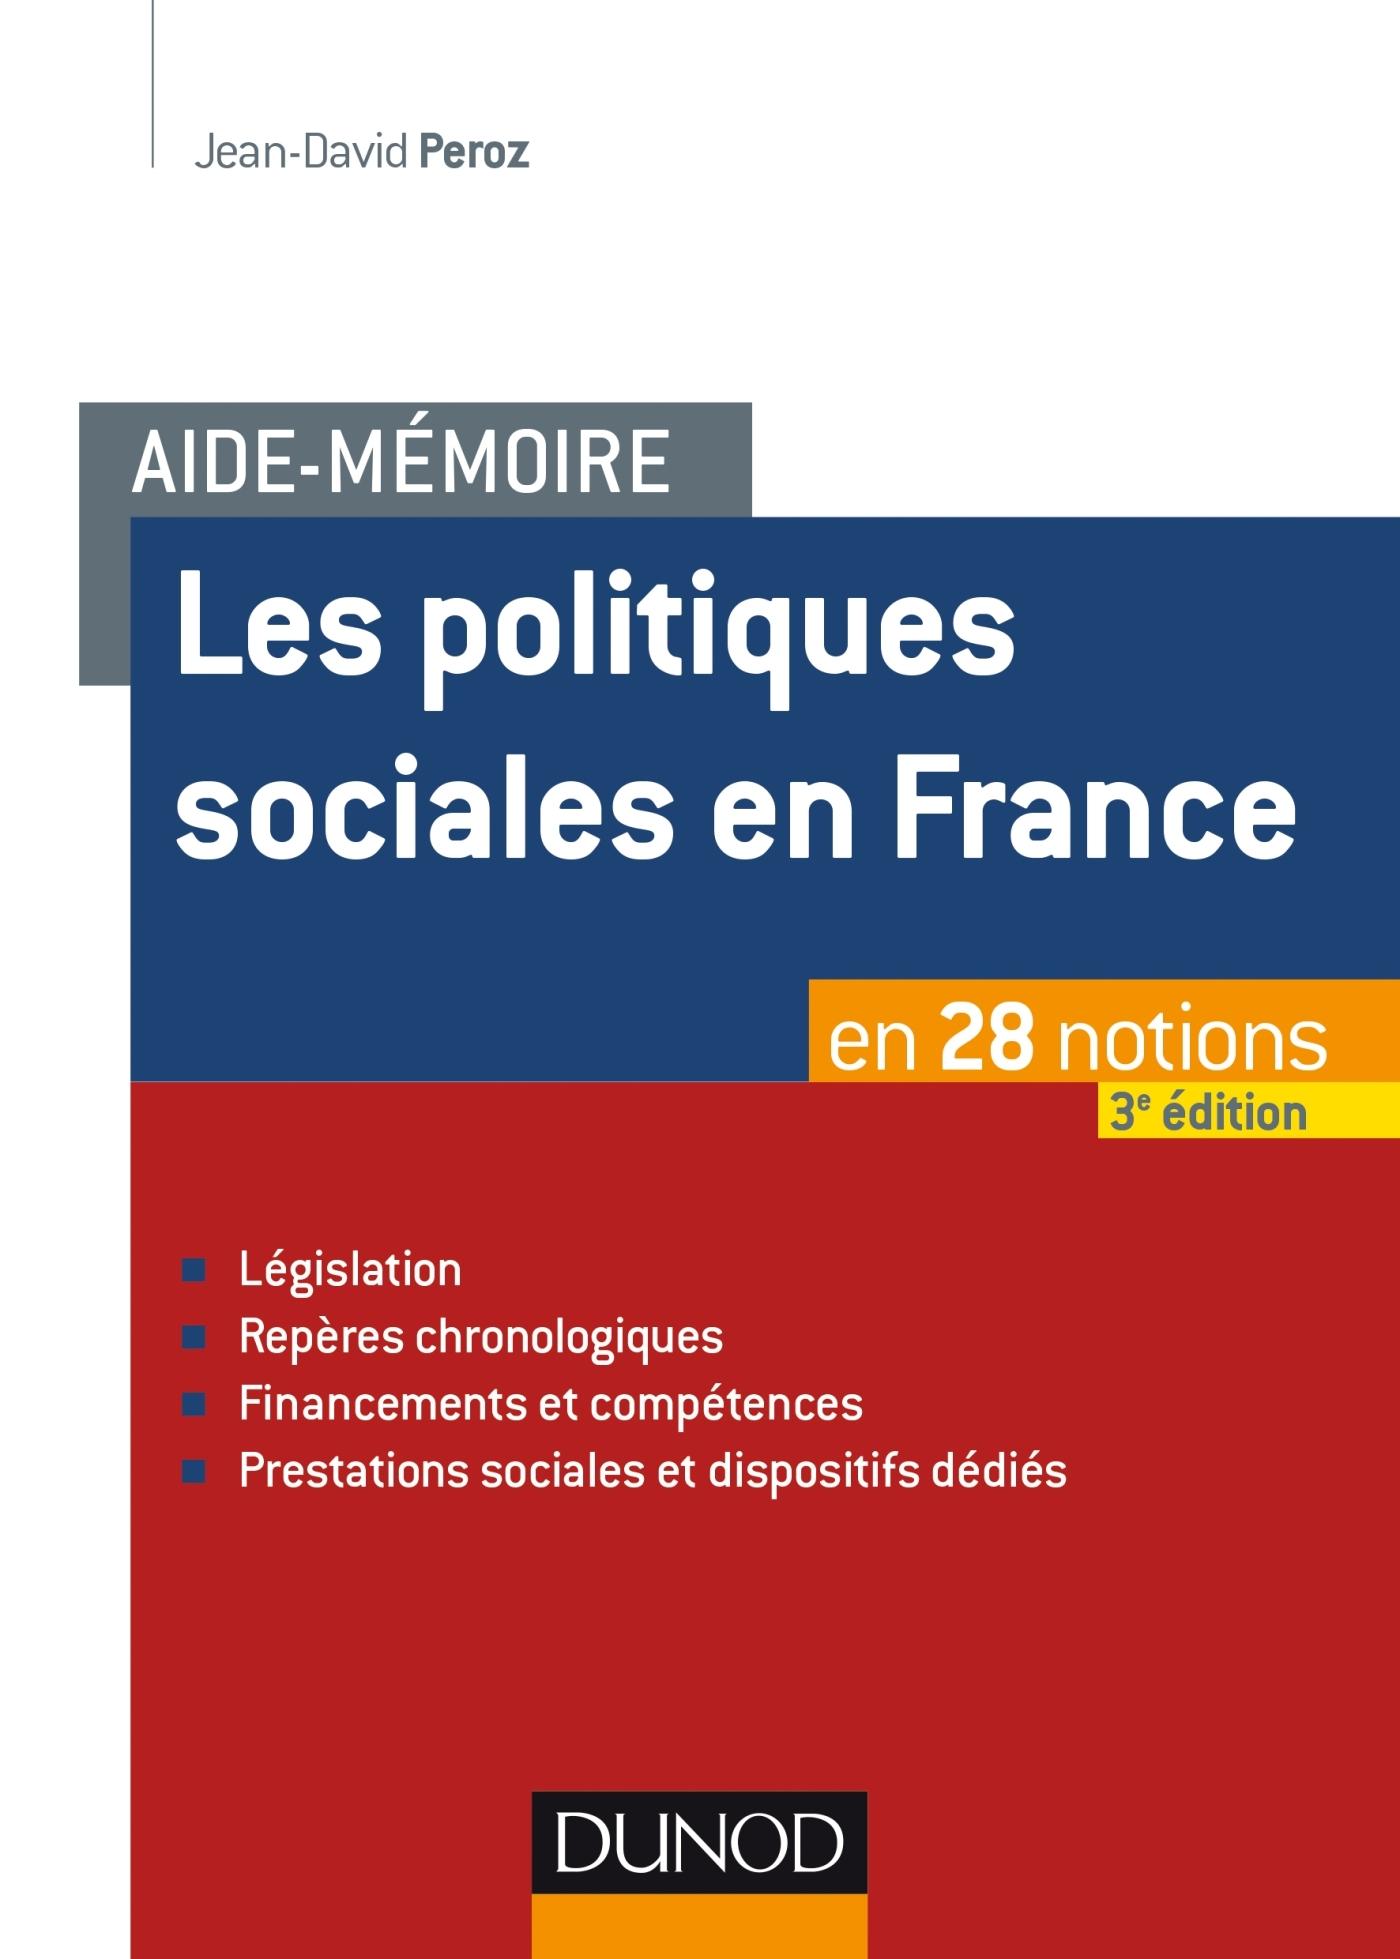 AIDE-MEMOIRE - LES POLITIQUES SOCIALES EN FRANCE - 3E ED. - EN 28 NOTIONS